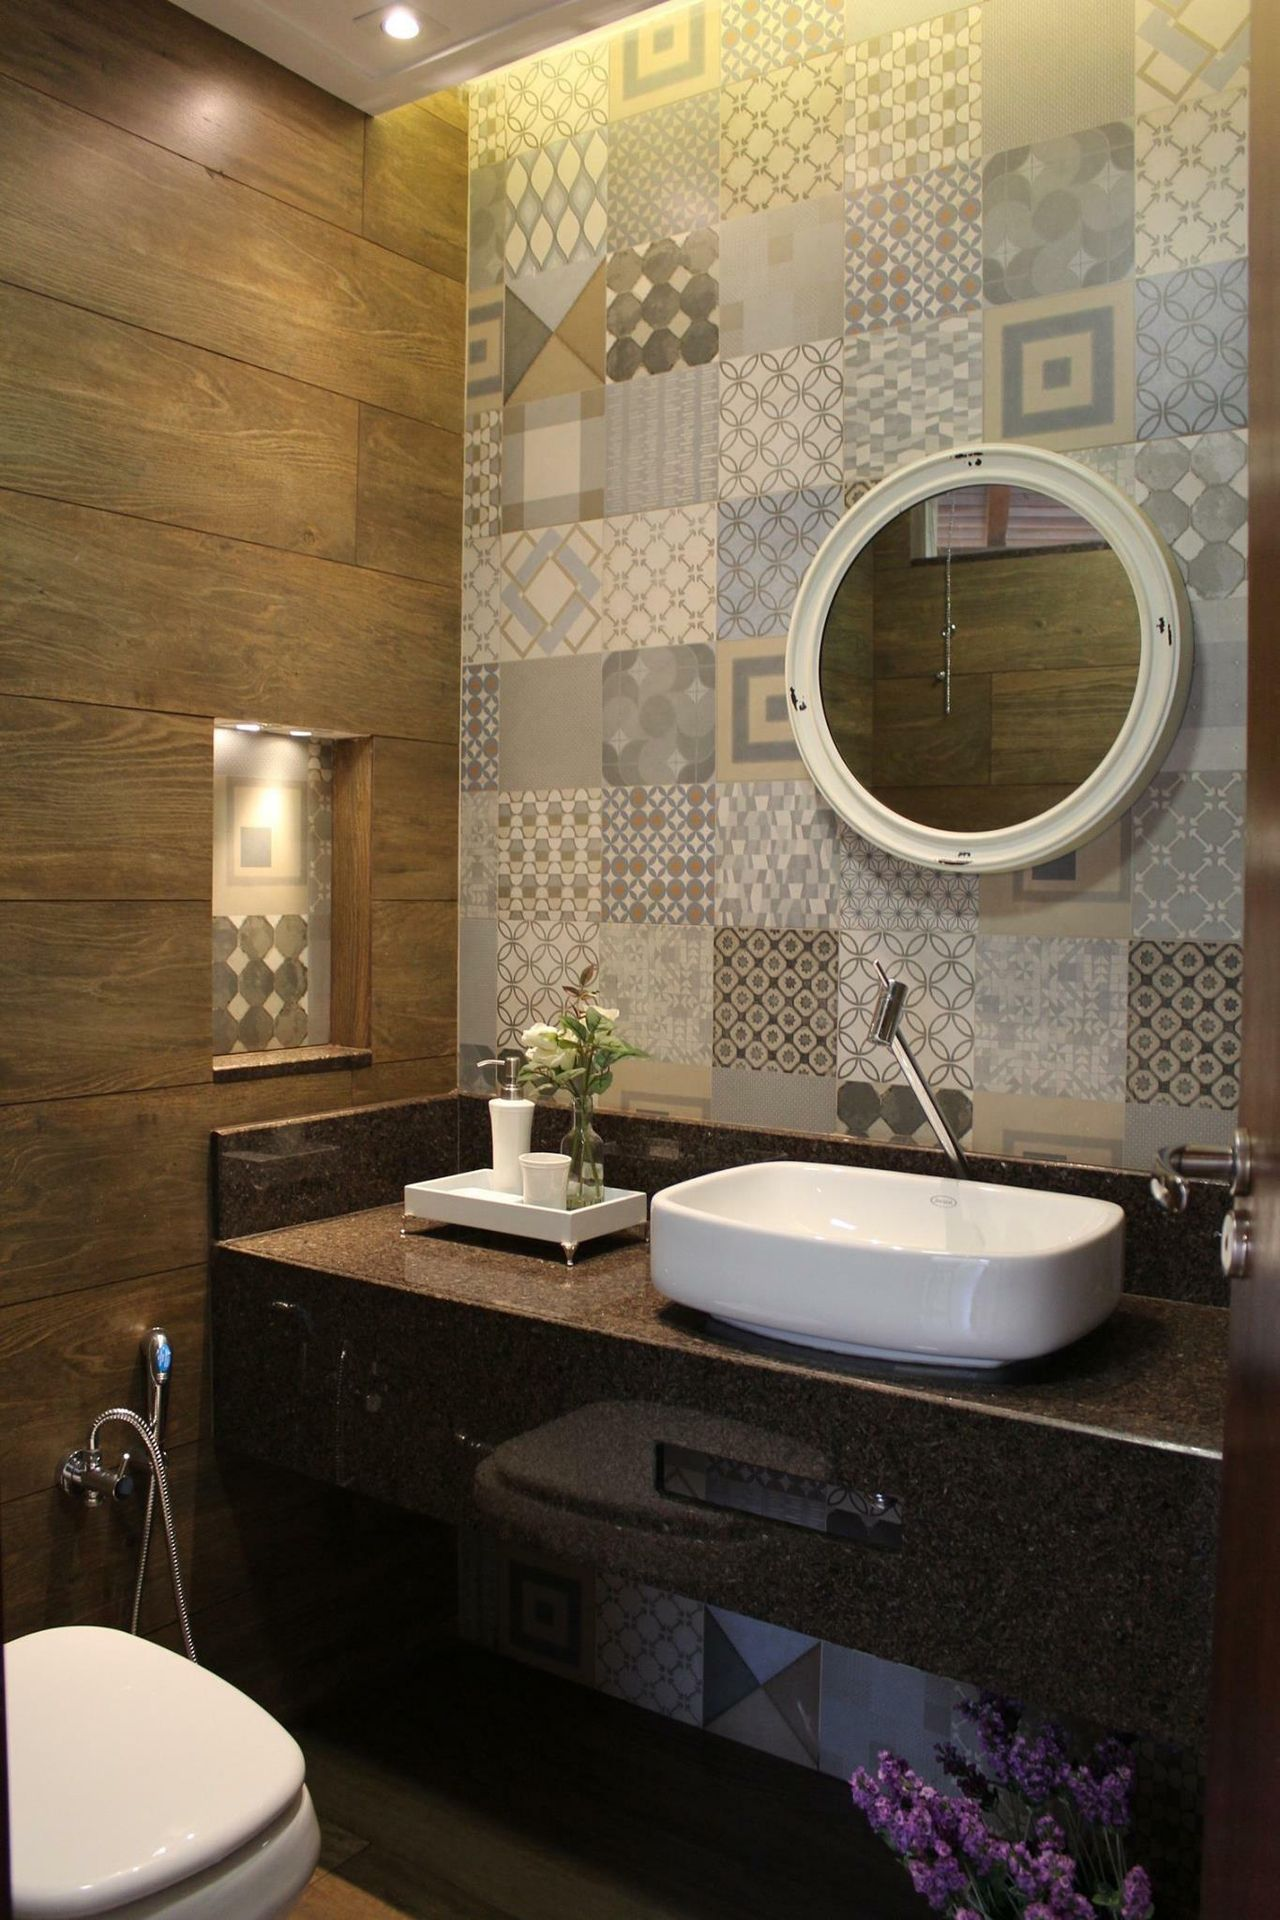 lavabo da varanda gourmet de bianca monteiro no viva decora